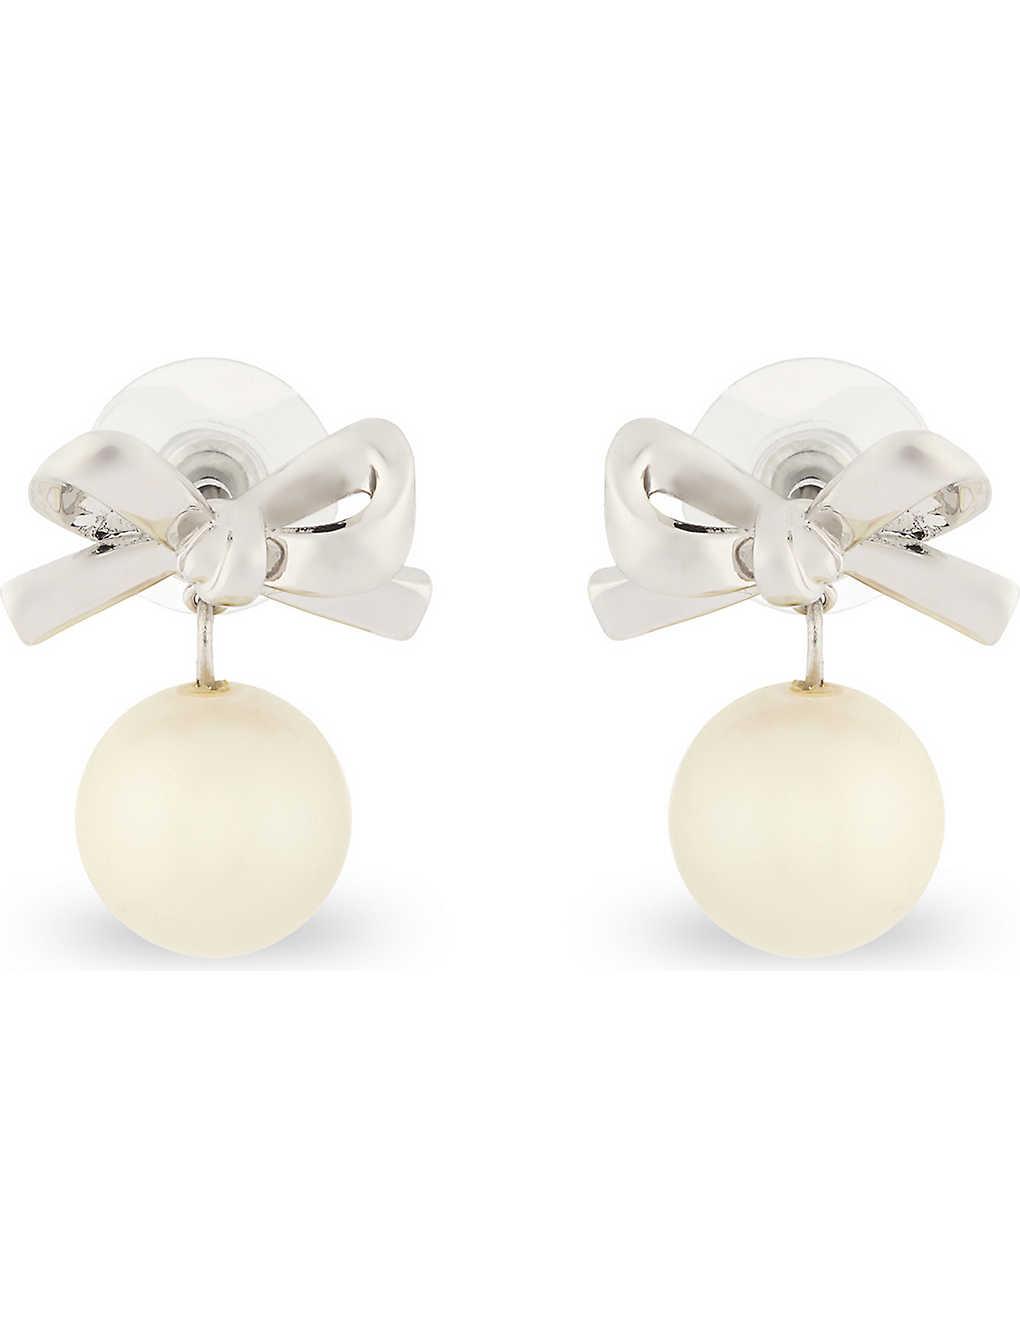 KATE SPADE NEW YORK - Mini bow pearl drop earrings   Selfridges.com